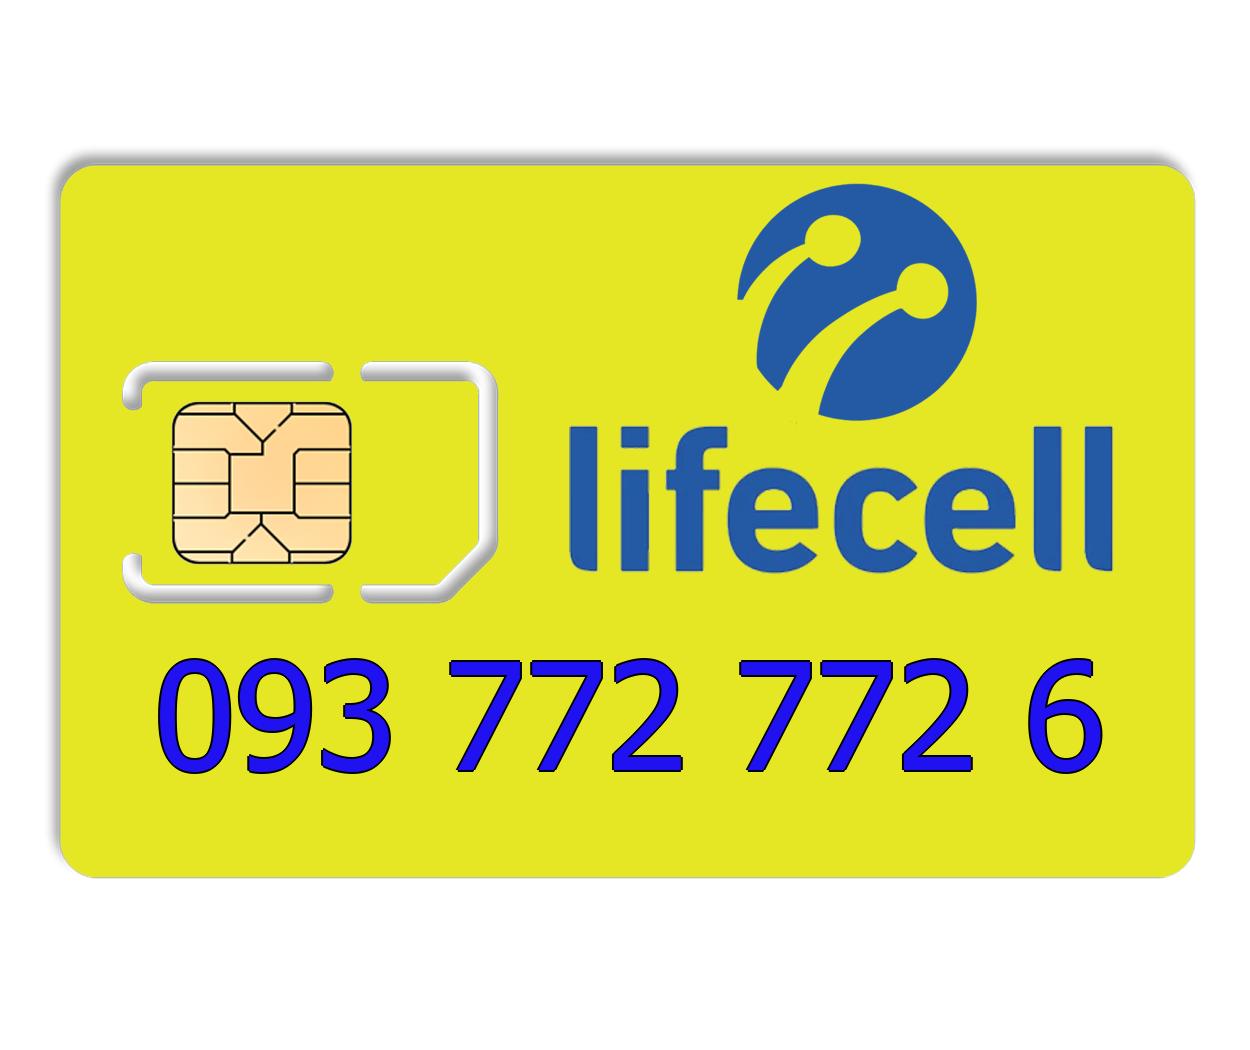 Красивый номер lifecell 093 772 772 6